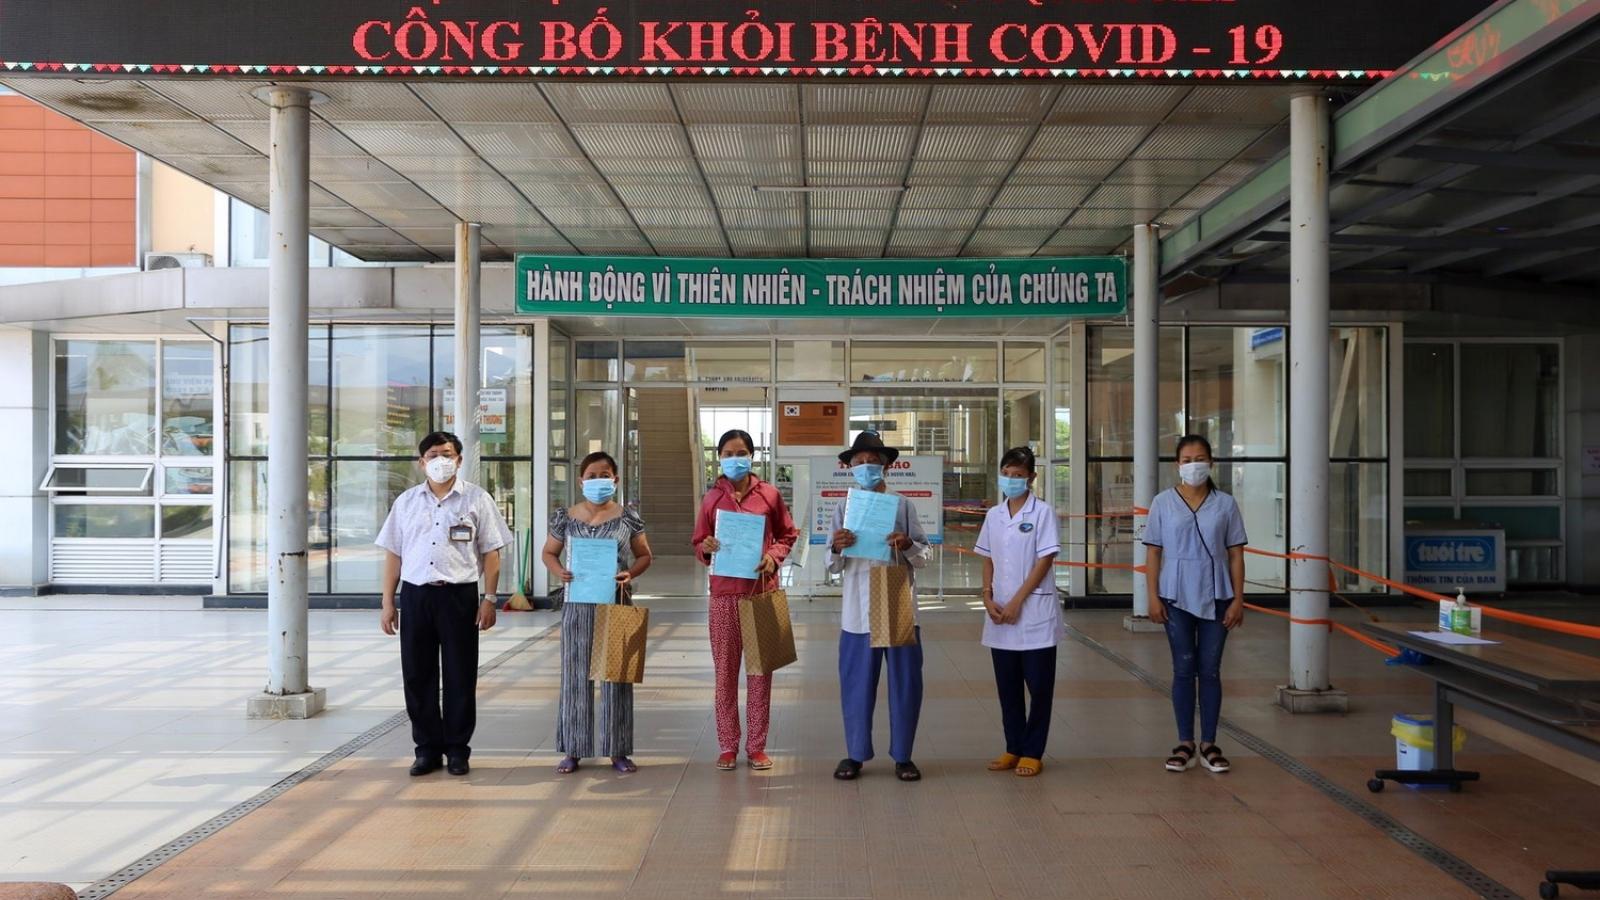 Bệnh nhân 883 ở Quảng Nam khỏi Covid-19 nhưng vẫn tiếp tục điều trị bệnh nền